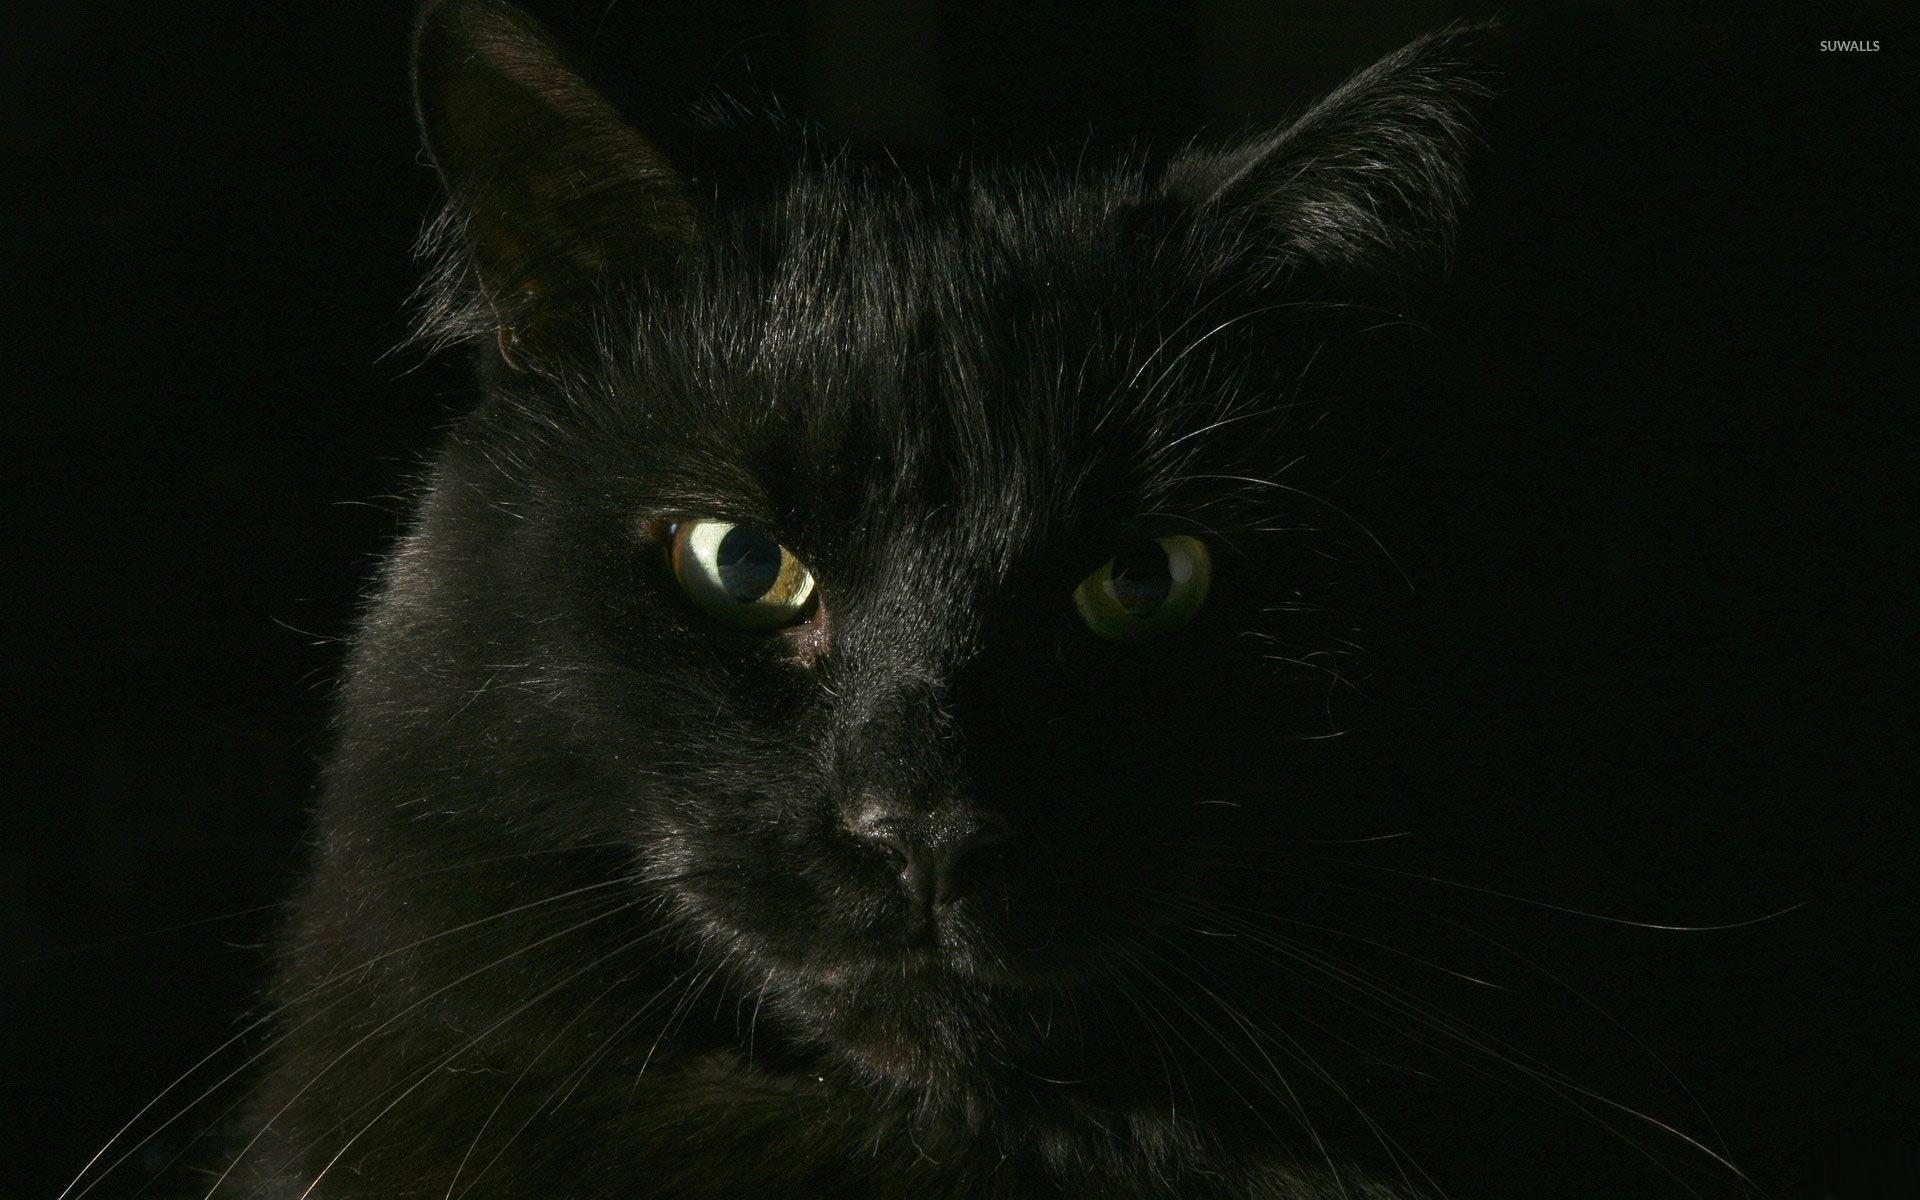 black cat wallpaper - animal wallpapers - #1731